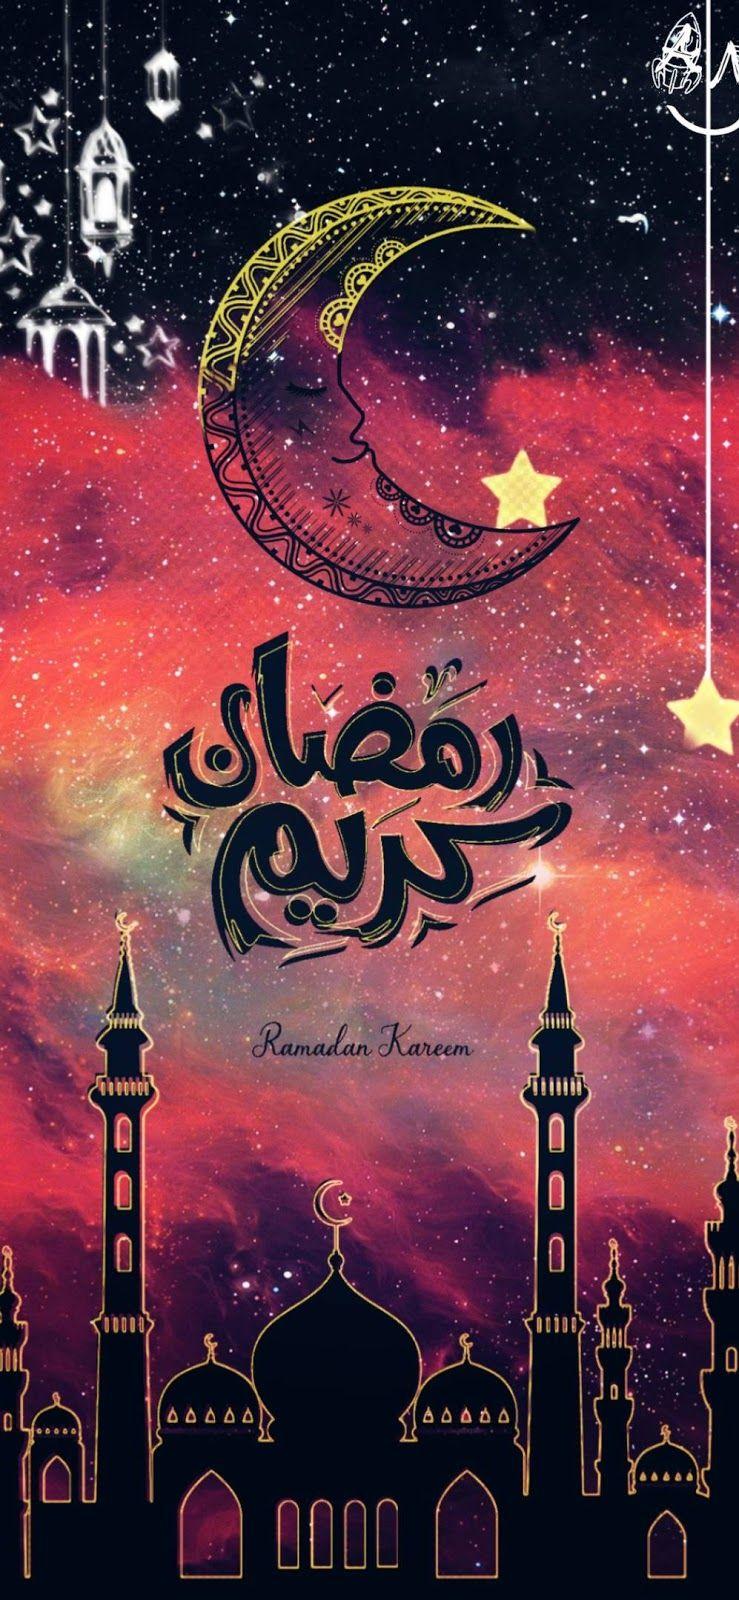 Ramadan 150ee89f 8f01 468e 9dae 6a729641b2b6 Ramzan Wallpaper Ramzan Mubarak Image Mubarak Images